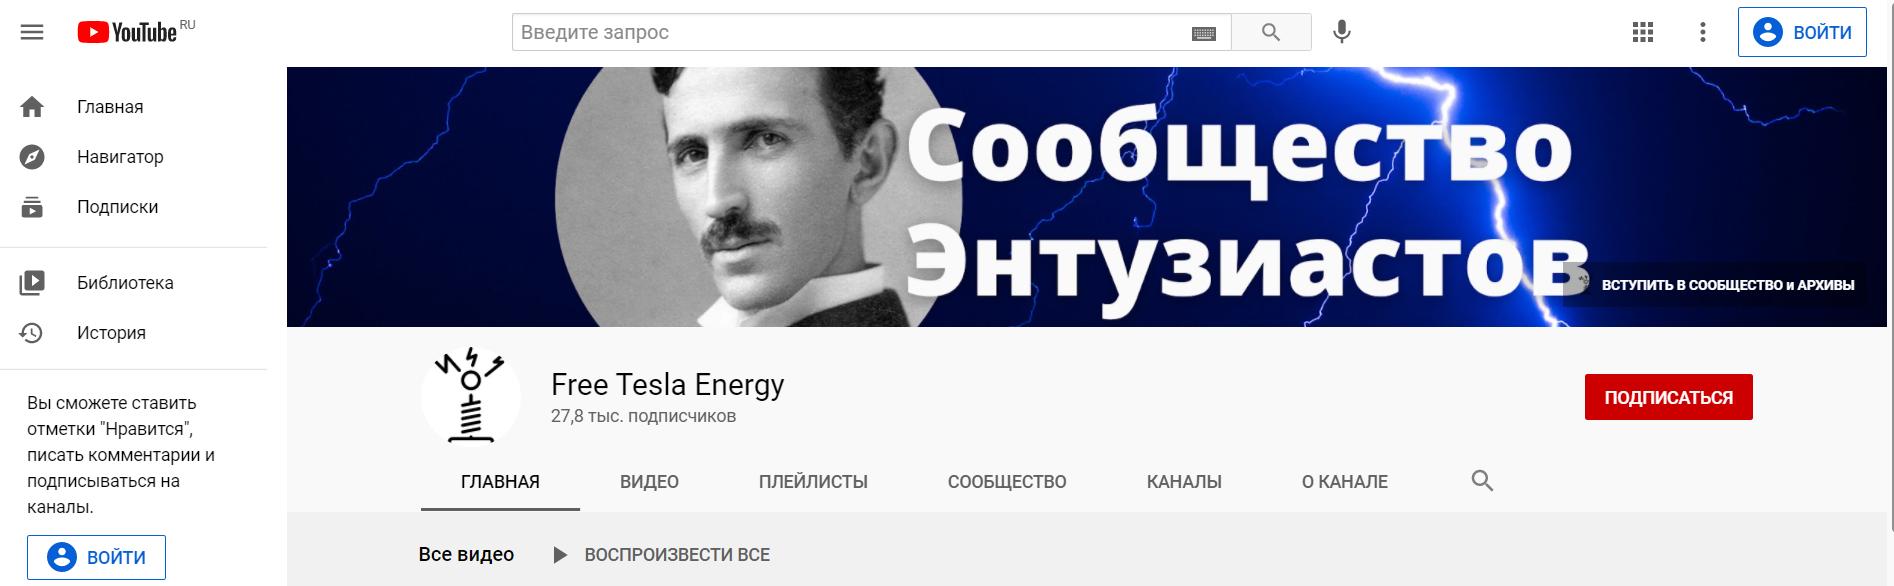 Закрытое сообщество энтузиастов свободной энергии ФриТеслаЭнерджи